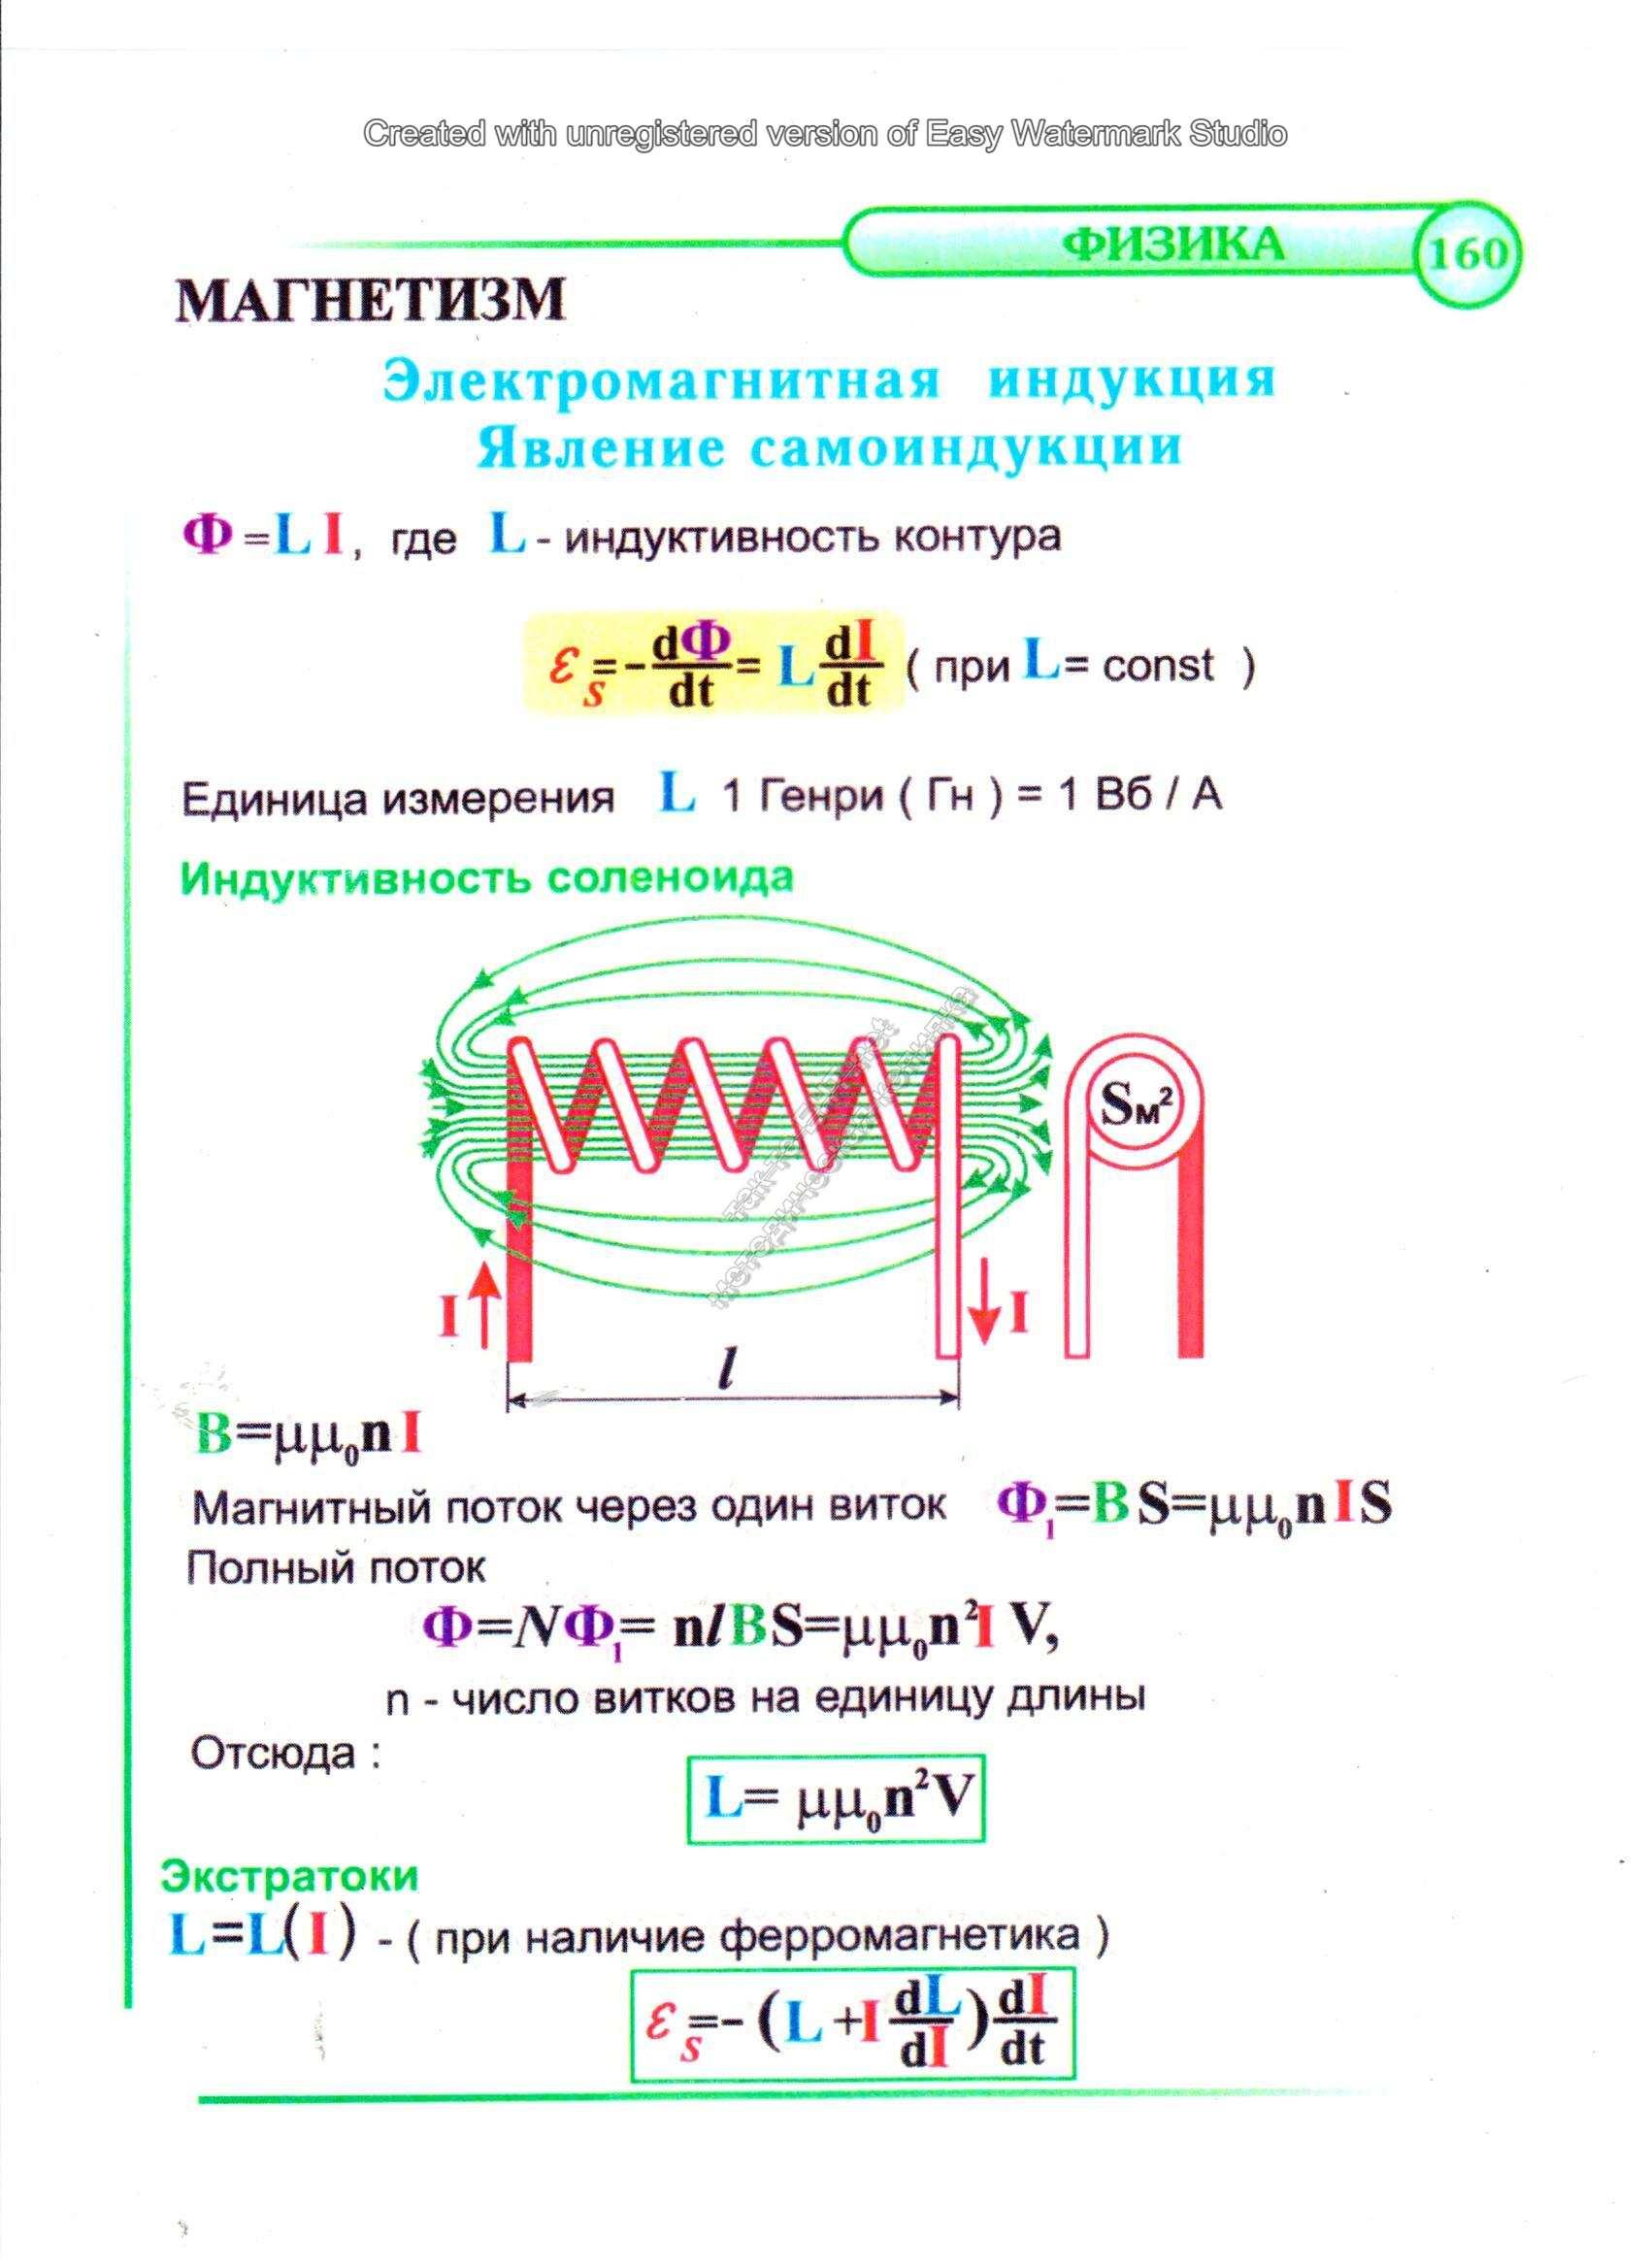 Электромагнитная индукция. Явление самоиндукции